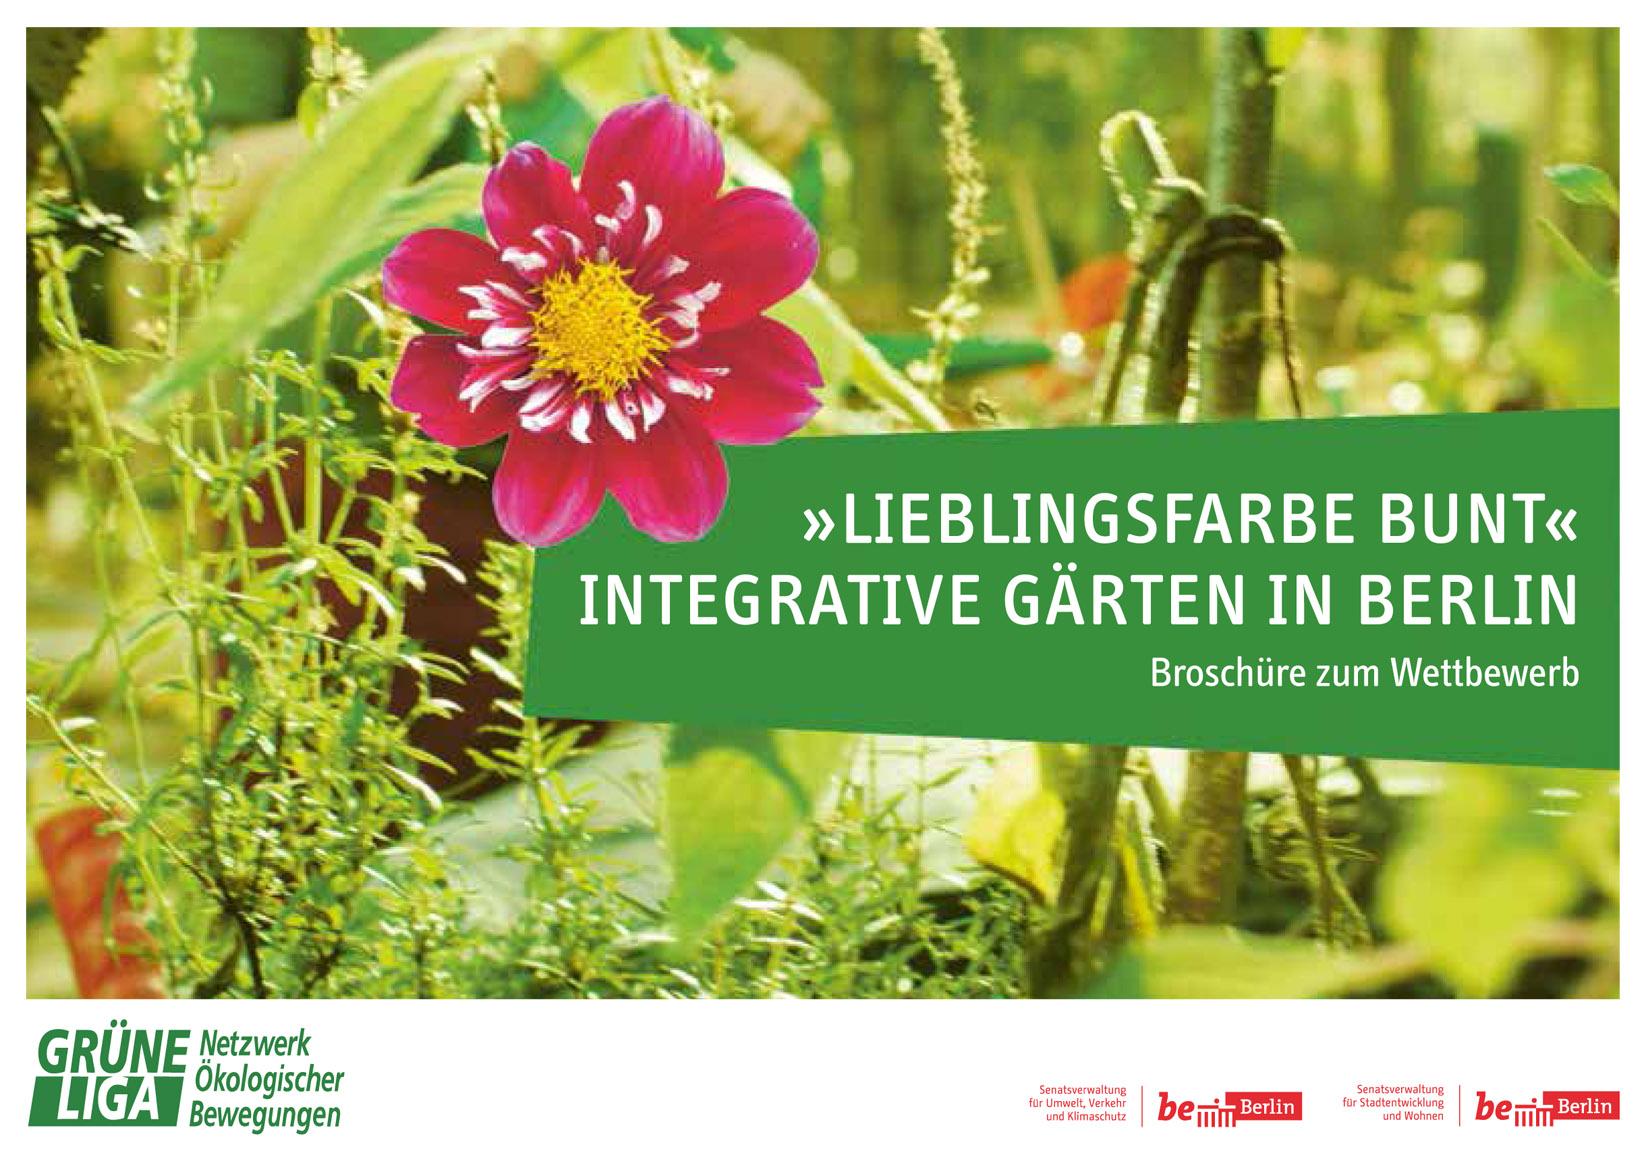 Lieblingsfarbe bunt - integrative Gärten in Berlin